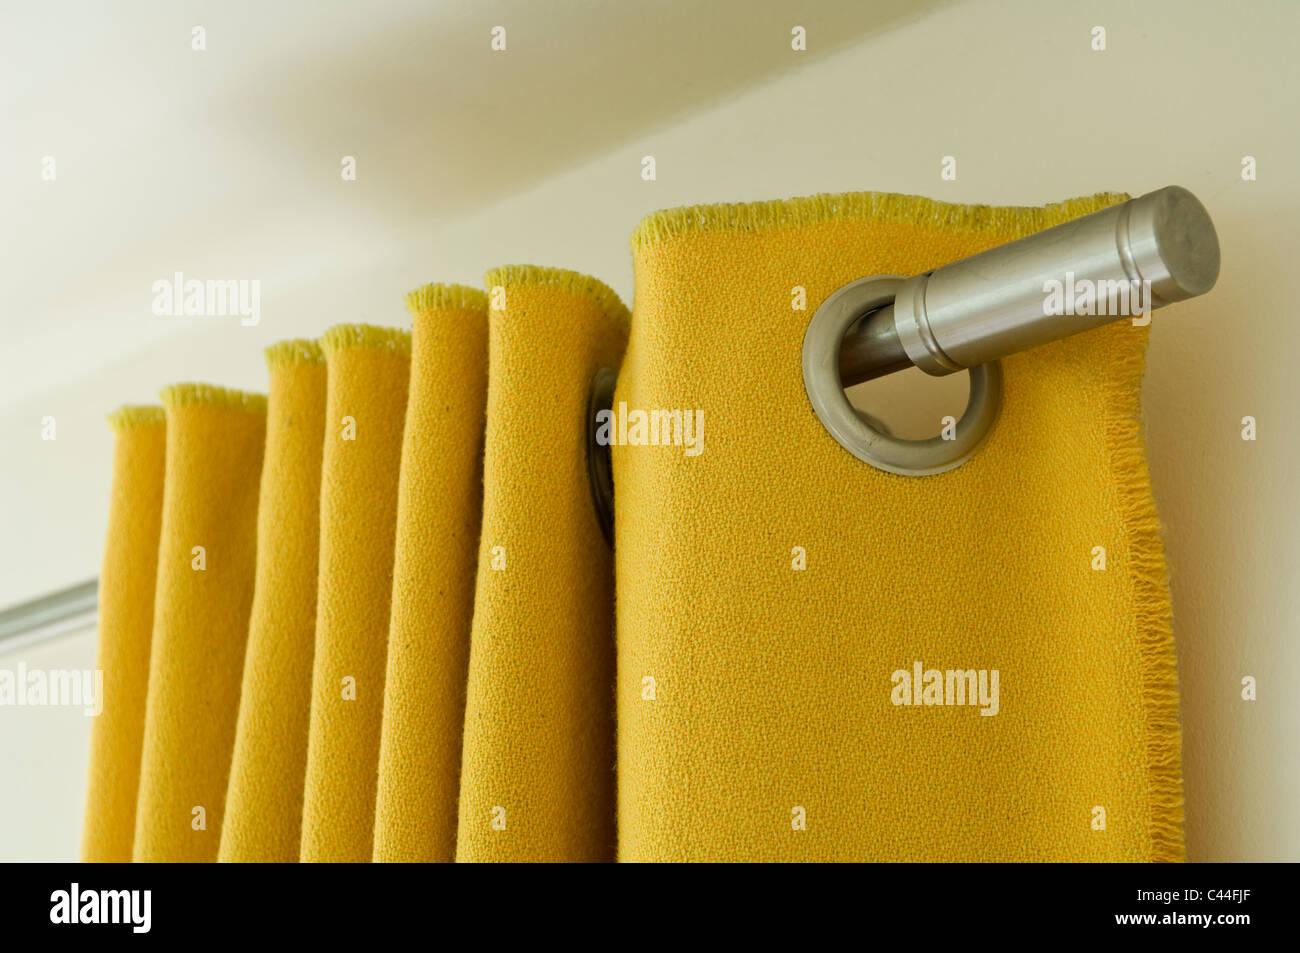 Rideau jaune avec œillets accroché sur un poteau de rideau en acier inoxydable Photo Stock